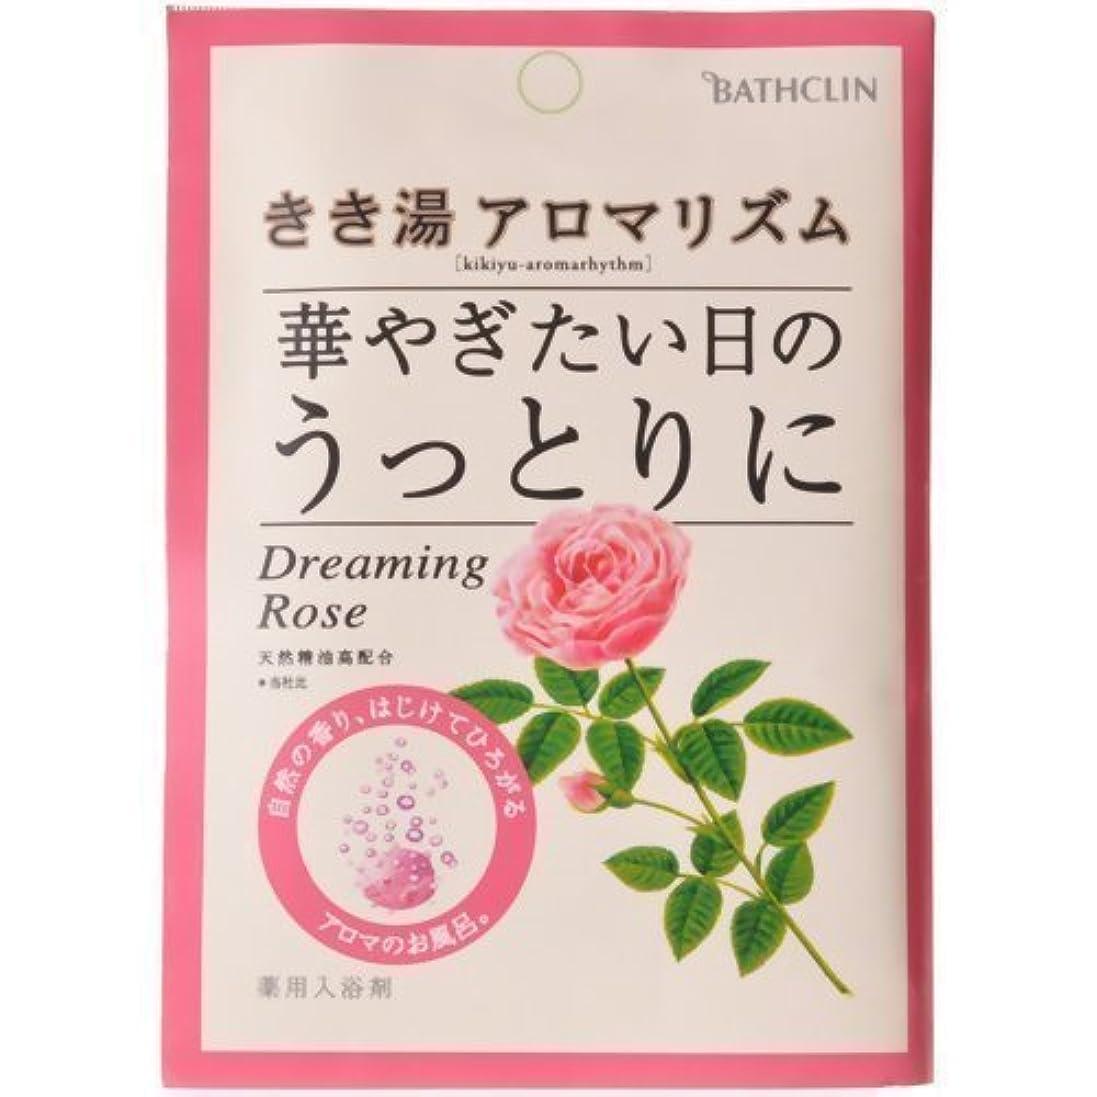 主要な恵み壮大【まとめ買い】きき湯 アロマリズム ドリーミングローズの香り 30g ×5個